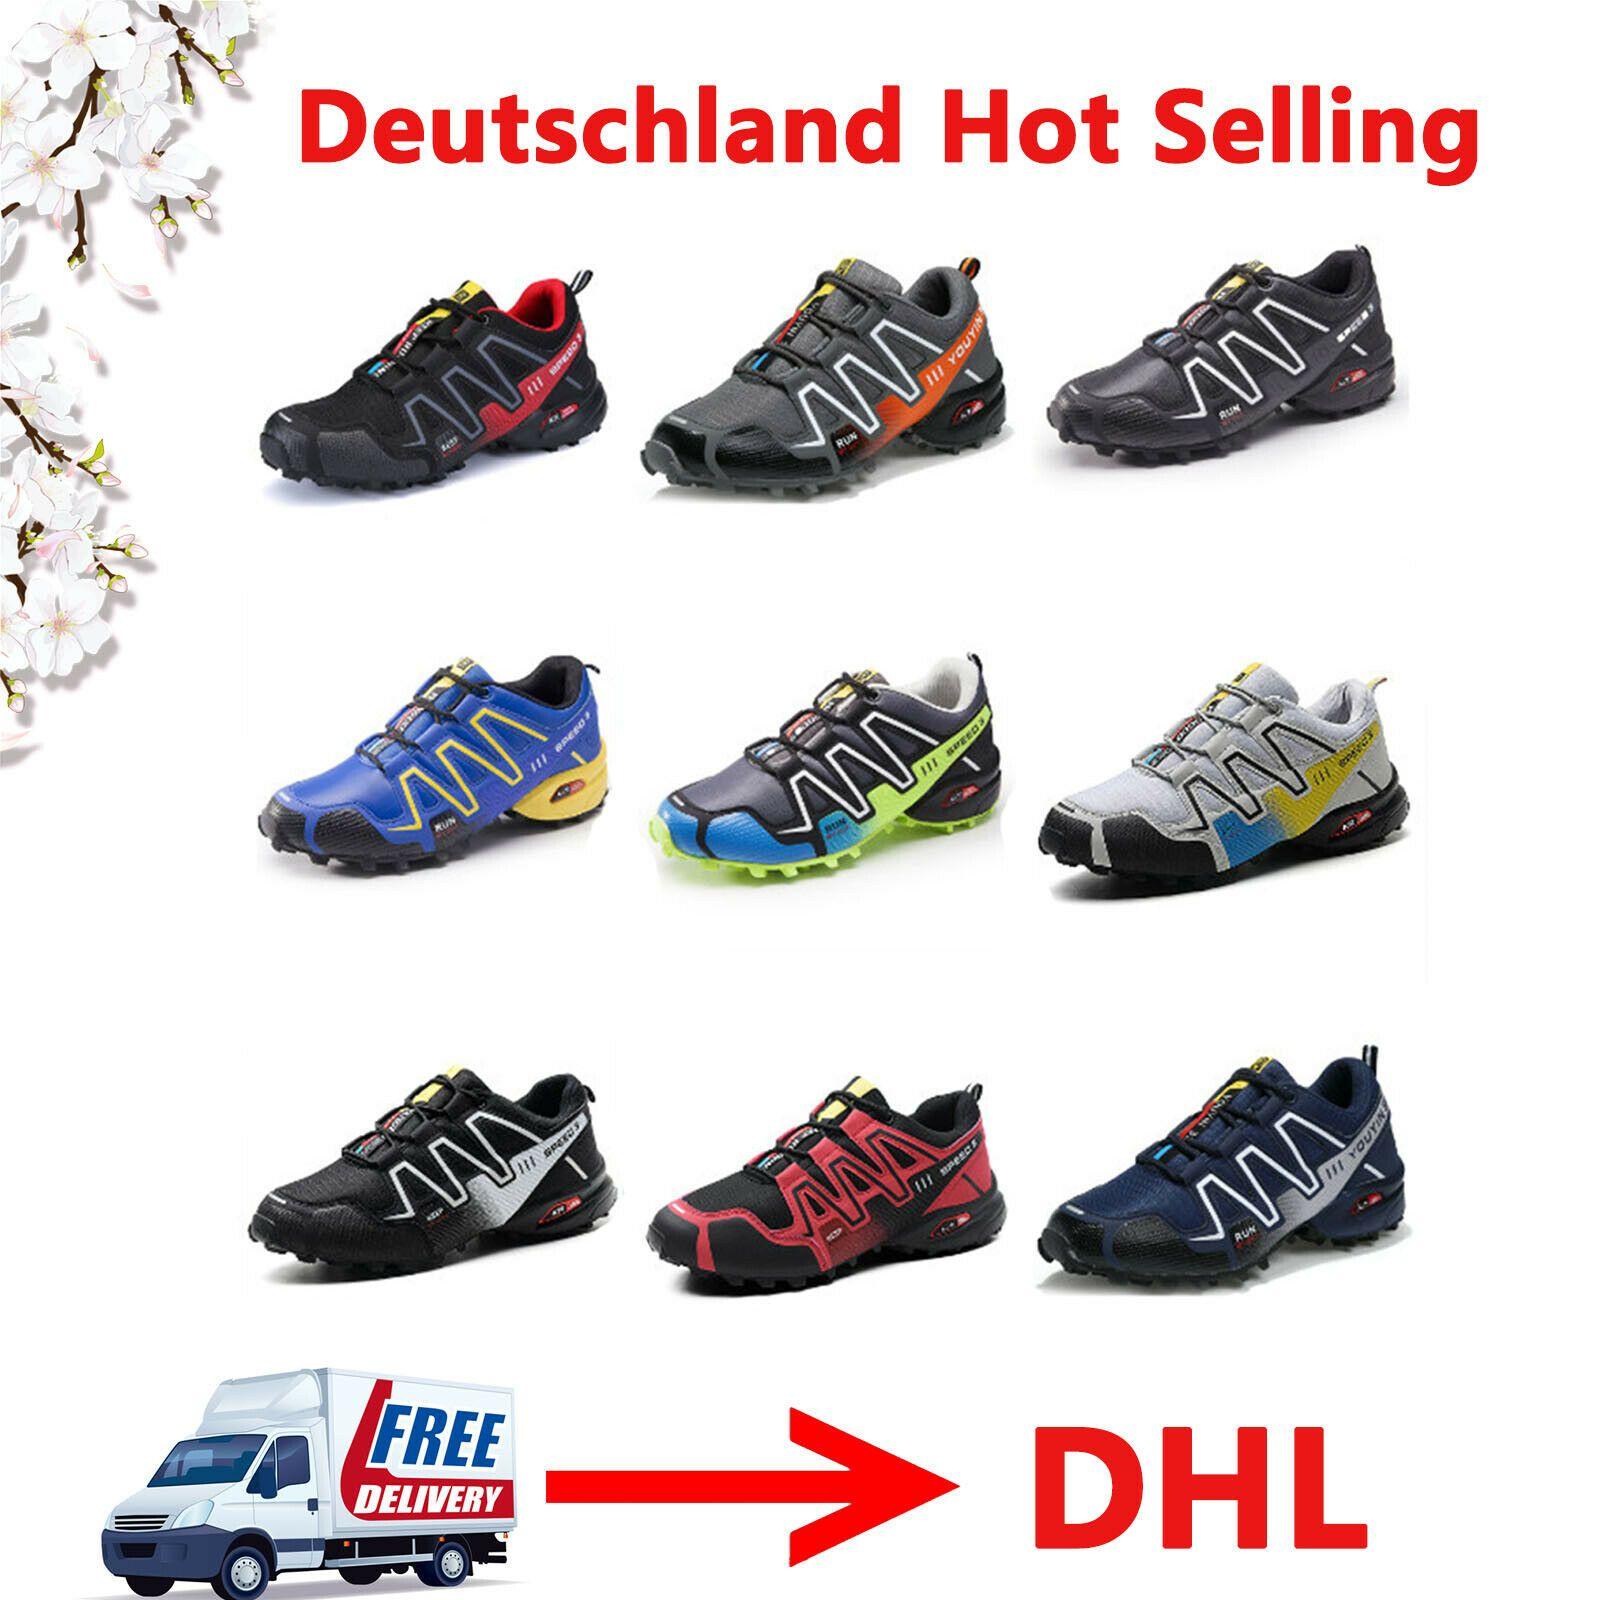 sports shoes 4aa93 e0f1a Herren Damen Freizeit Speedcross Outdoorschuhe Laufschuhe ...